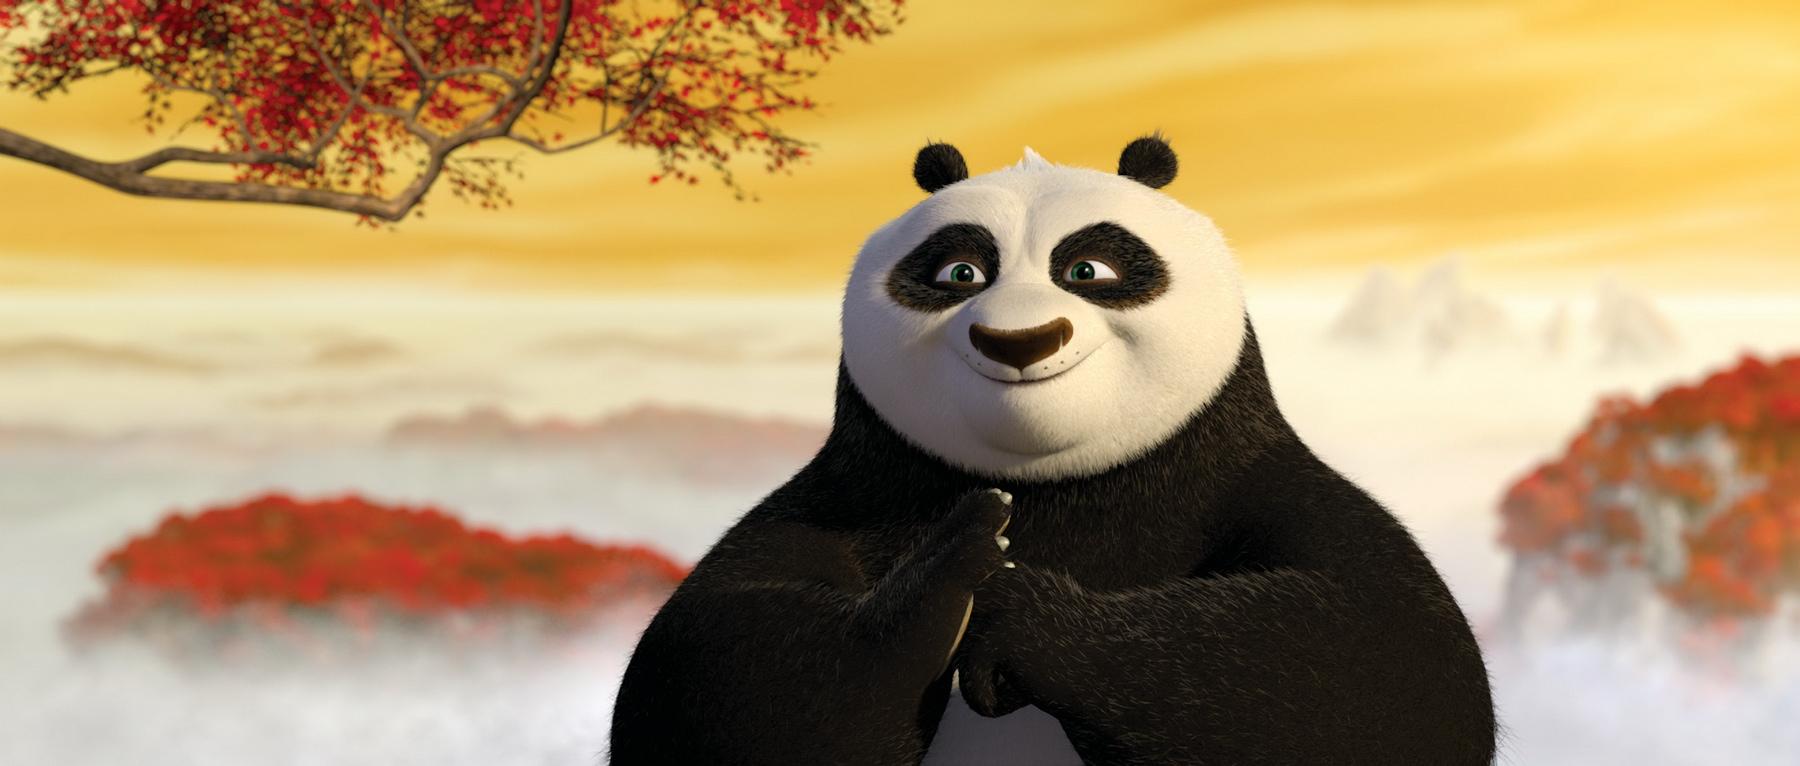 Мультфильм про панду на нашем сайте